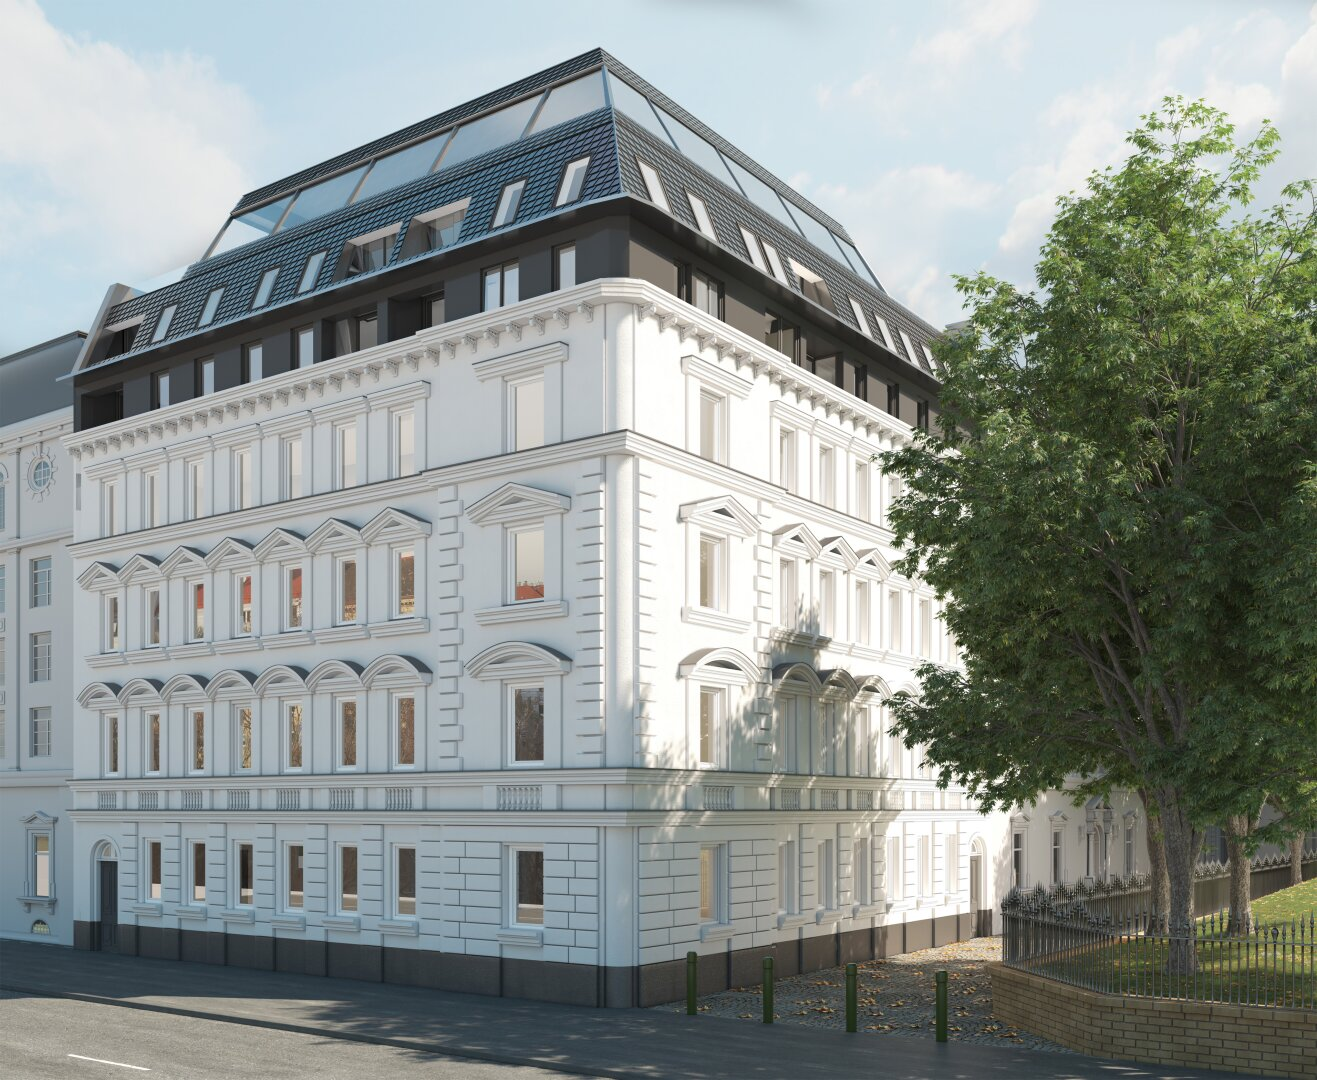 K1 - Wir legen Ihnen Wien zu Füßen - MODERNE STADTWOHNUNGEN MIT PERFEKTER AUSSTATTUNG UND RAUMAUFTEILUNG (Projektansicht)